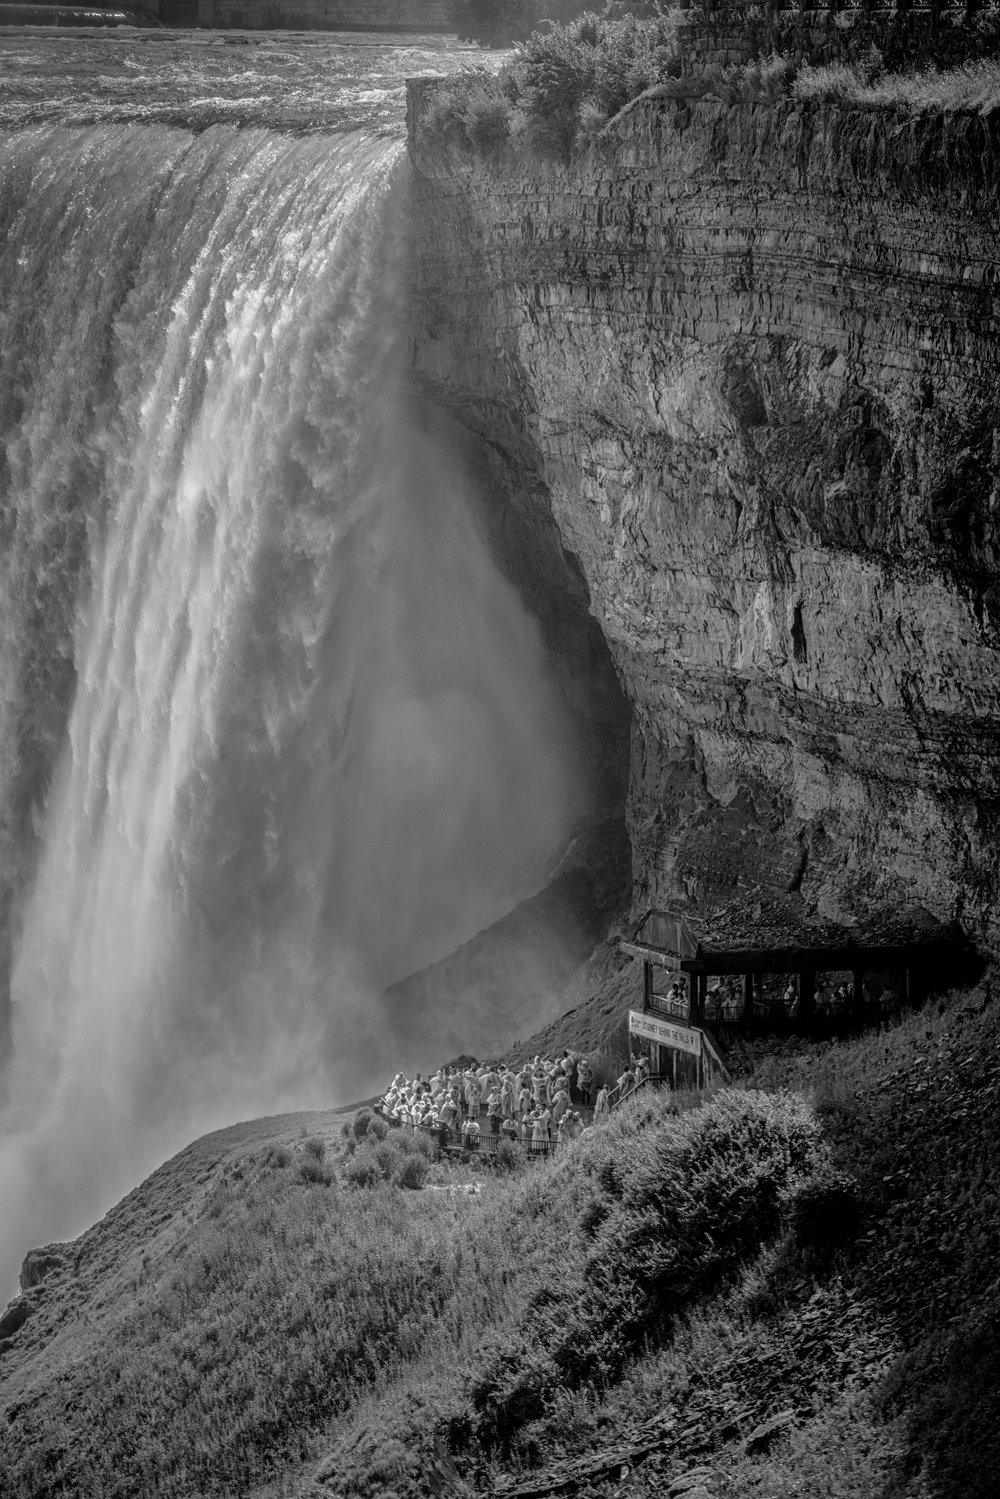 NiagaraFalls2017Aug.21.jpg